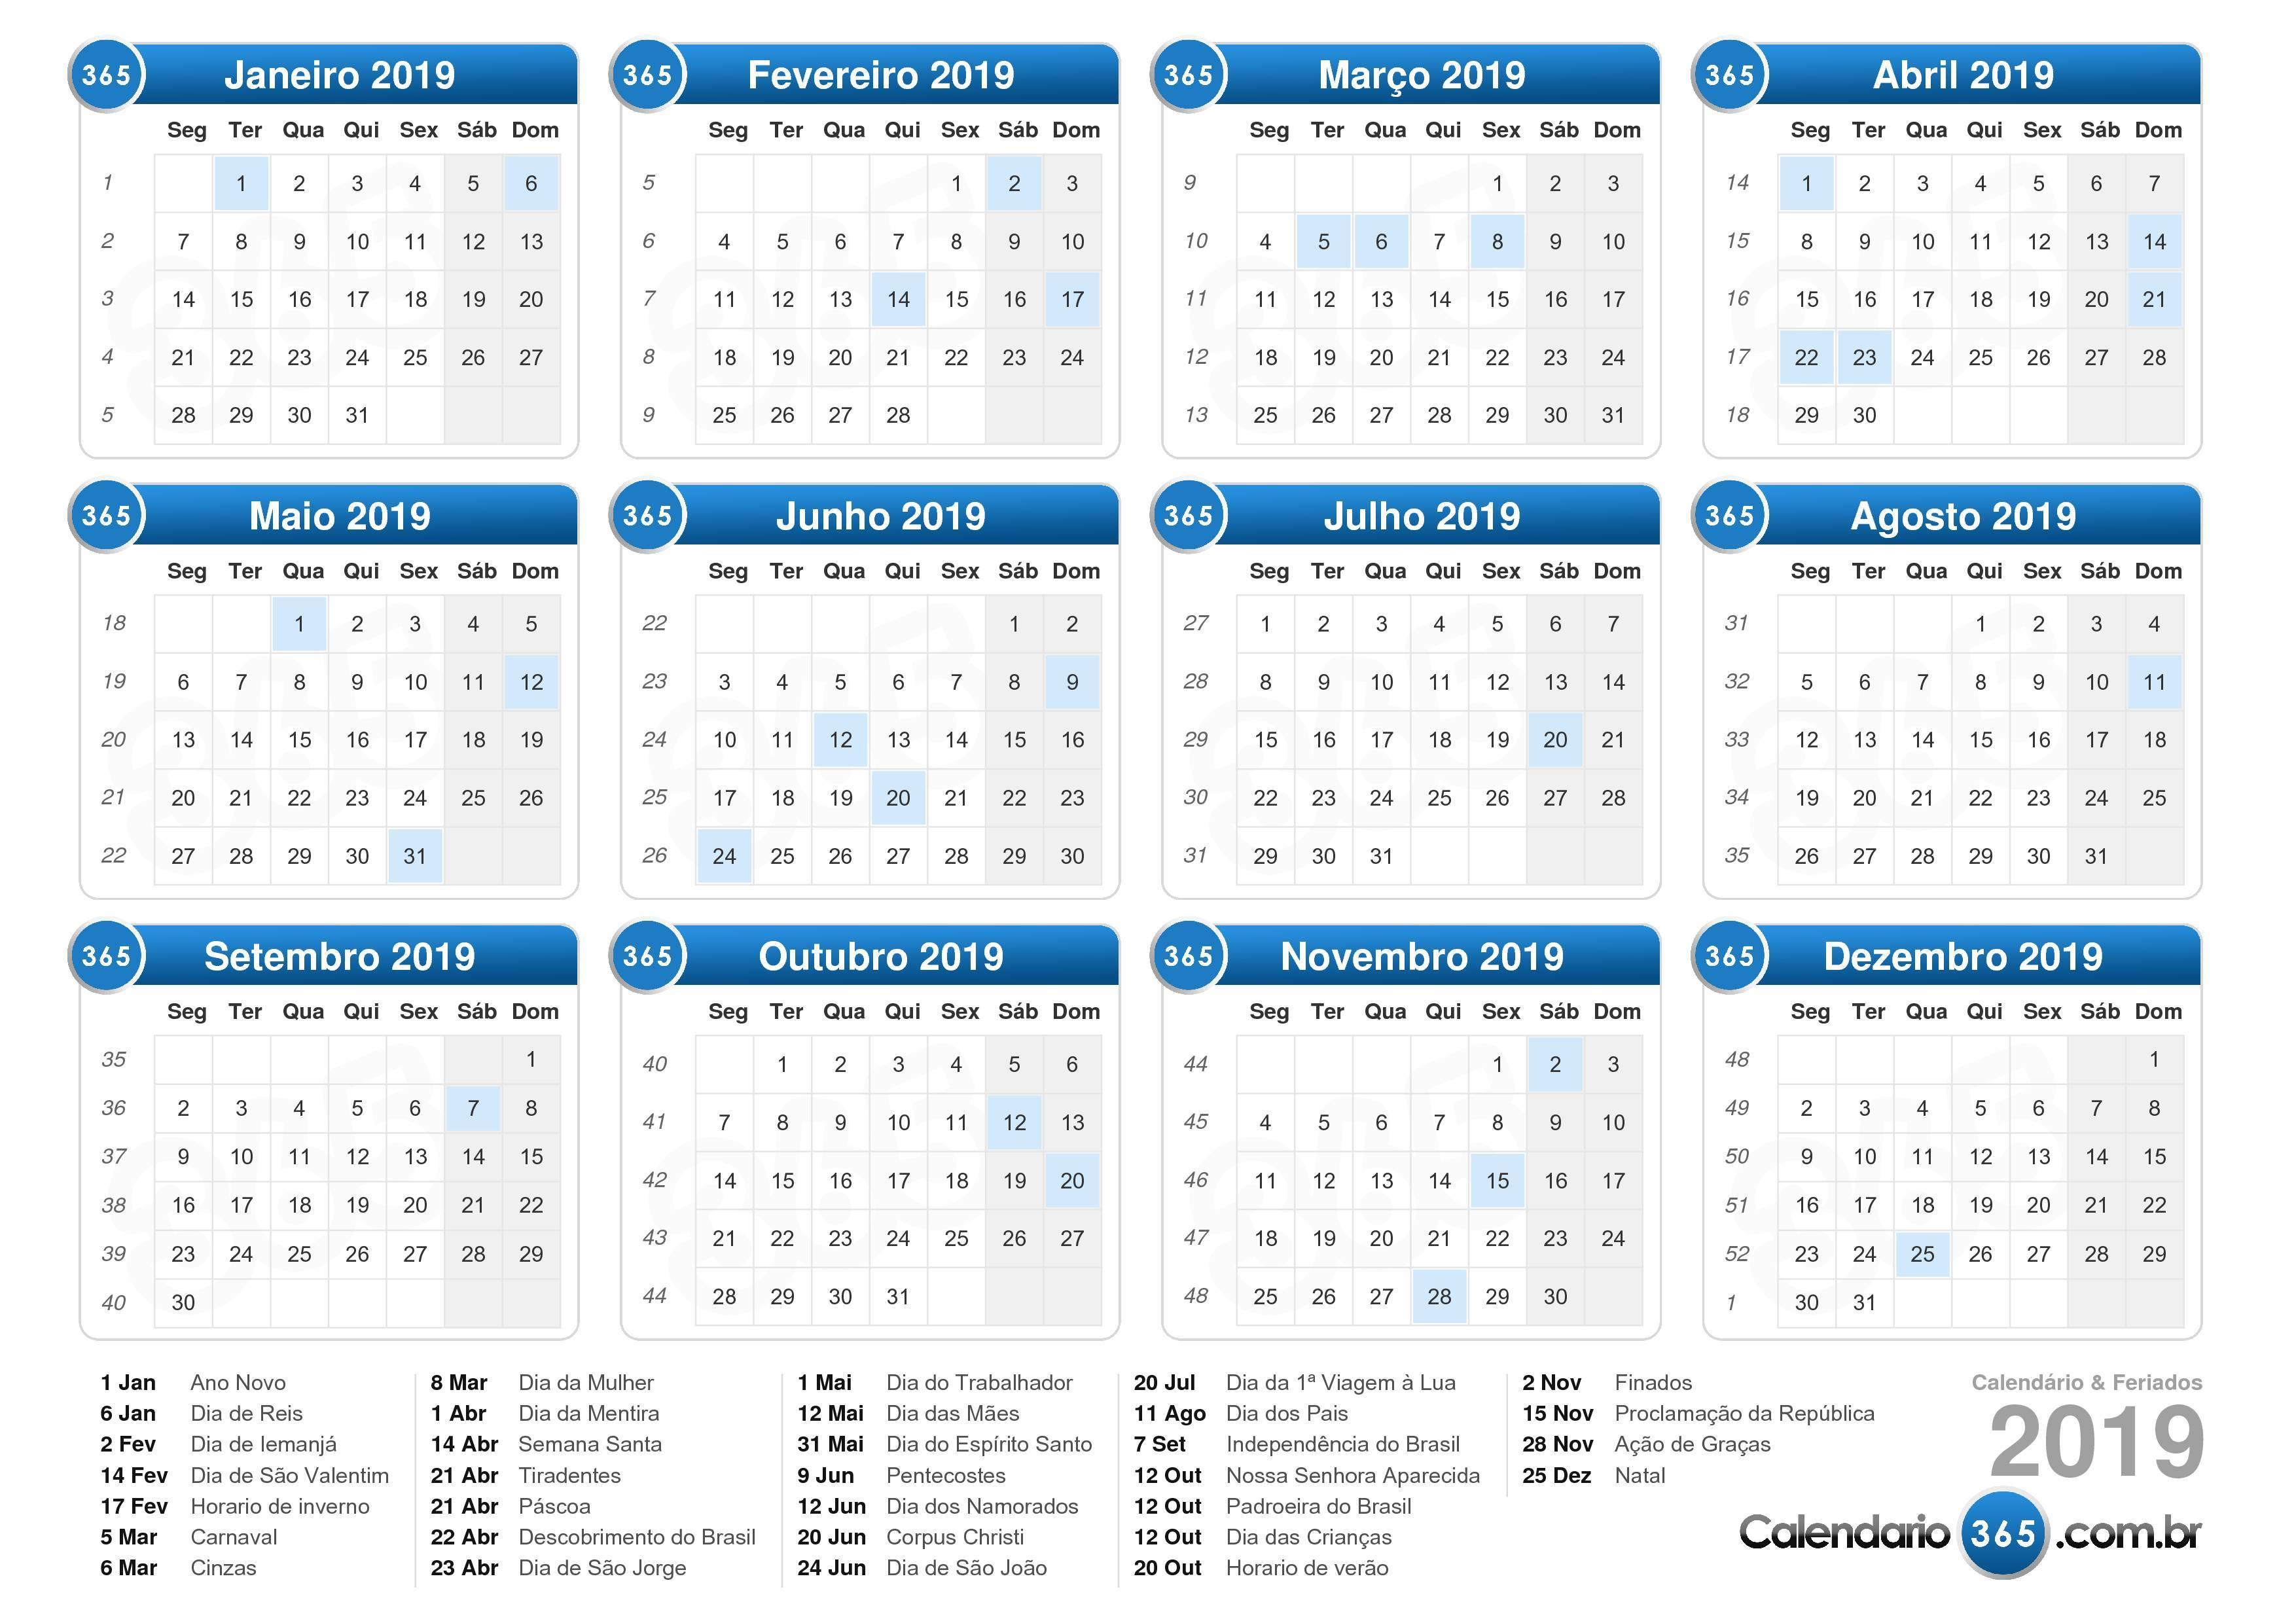 Calendario Mostre Foi 2019.Calendario 2019